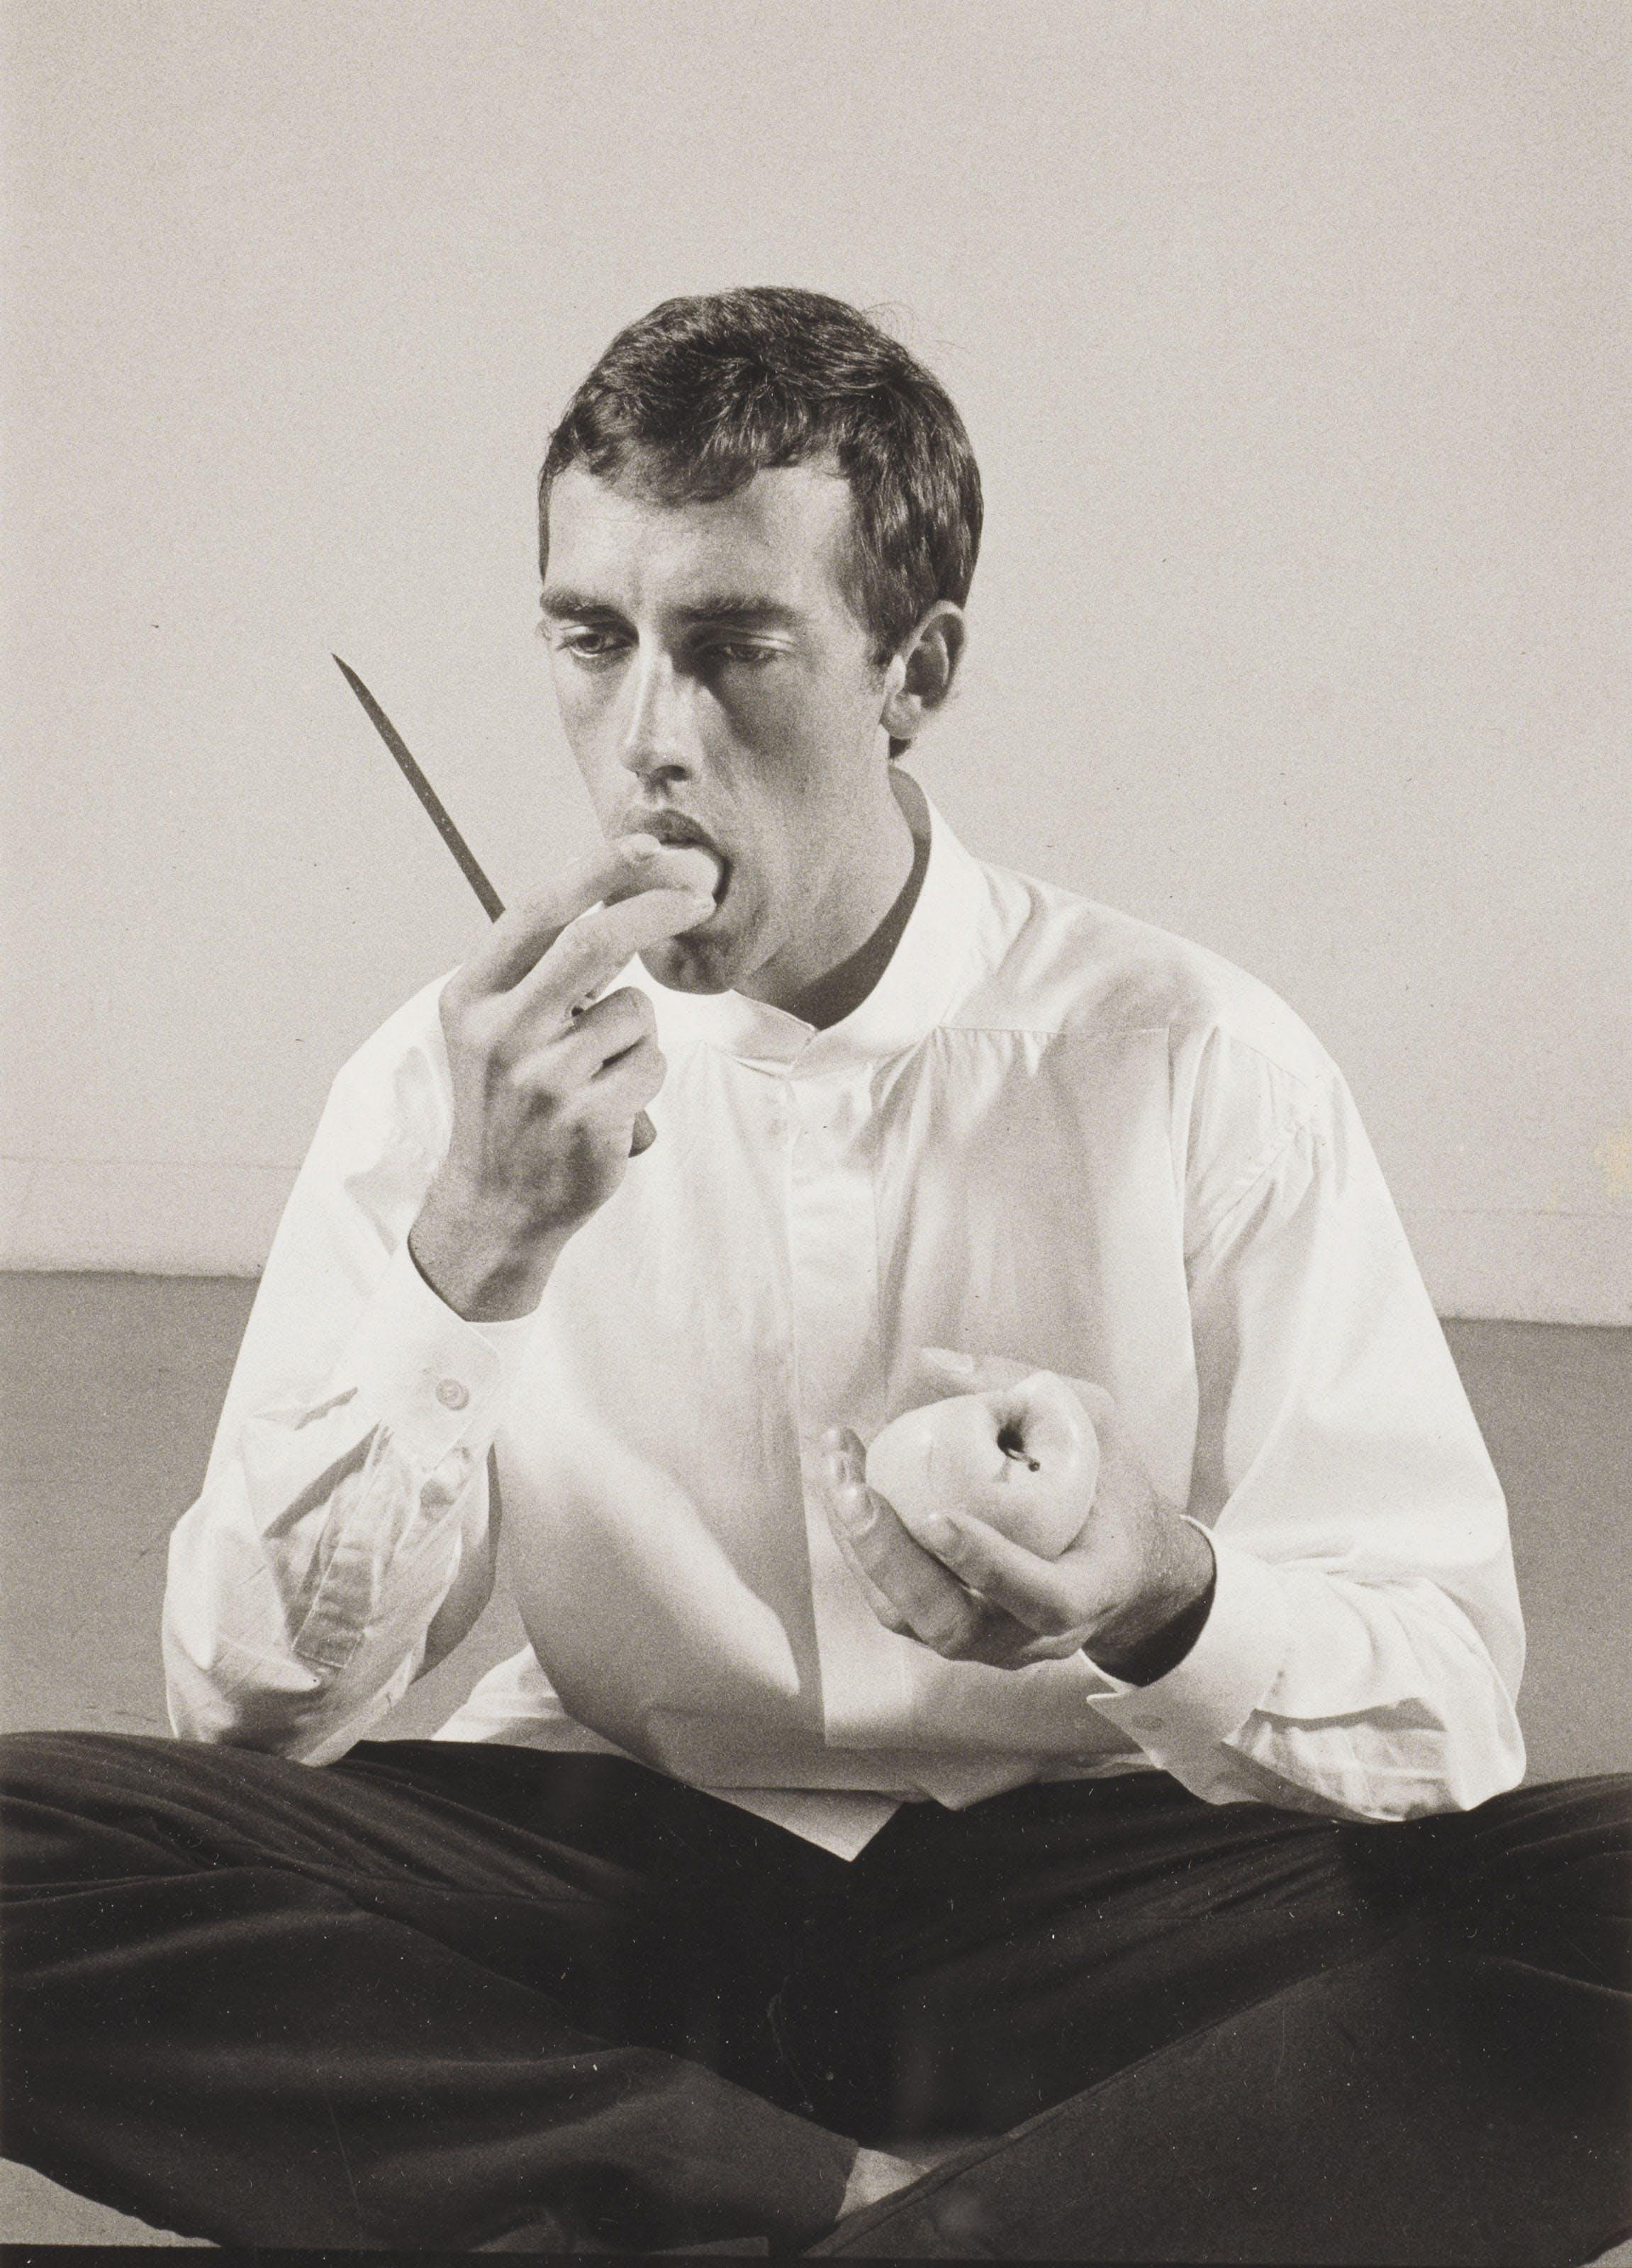 """Peter Hujar, """"Forbidden Fruit (David Wojnarowicz Eating an Apple),"""" New York, 1983"""